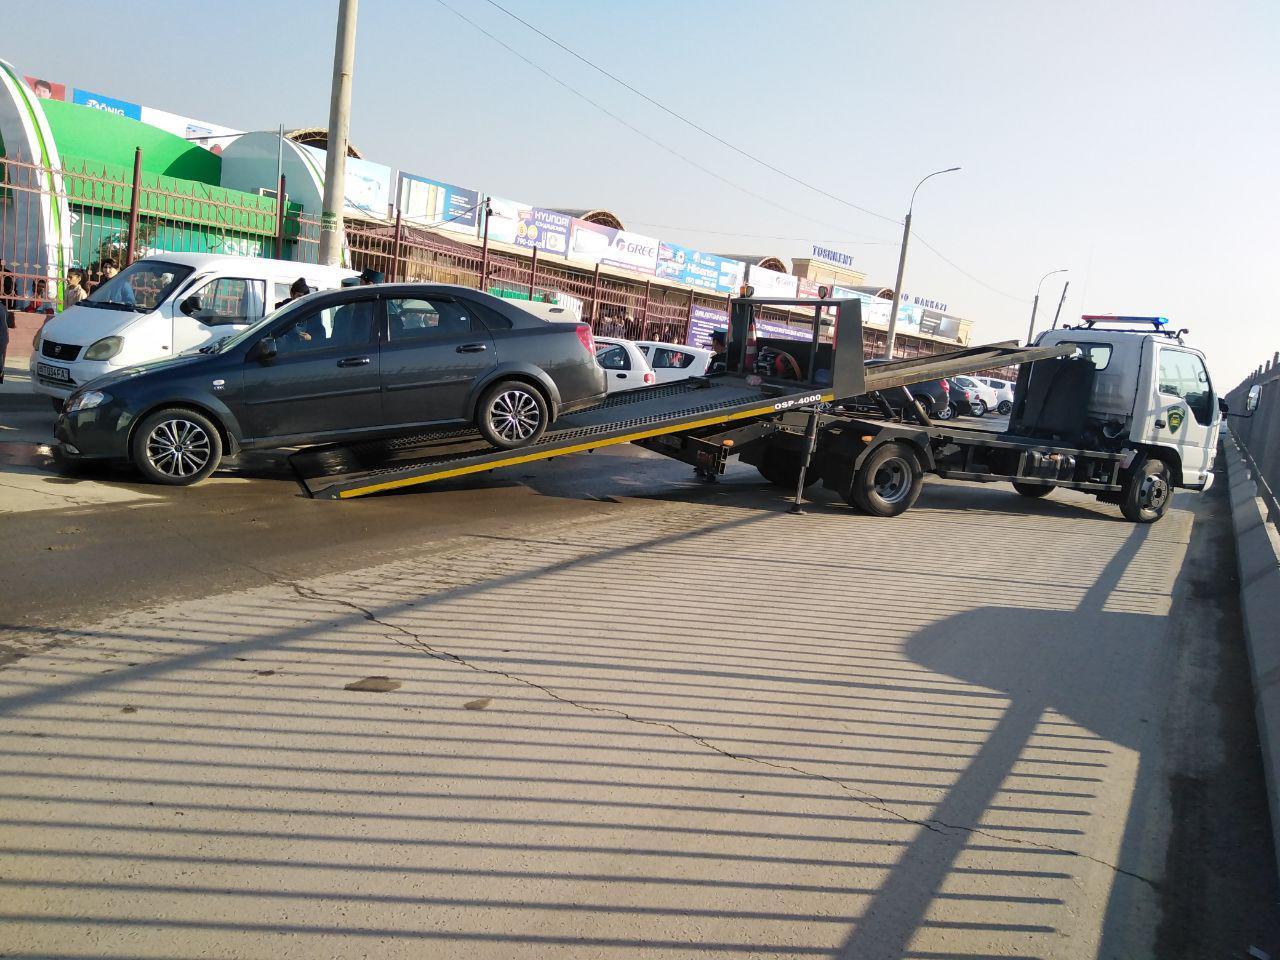 ГАИ эвакуирует неправильно припаркованные автомобили возле ташкентских рынков - 1